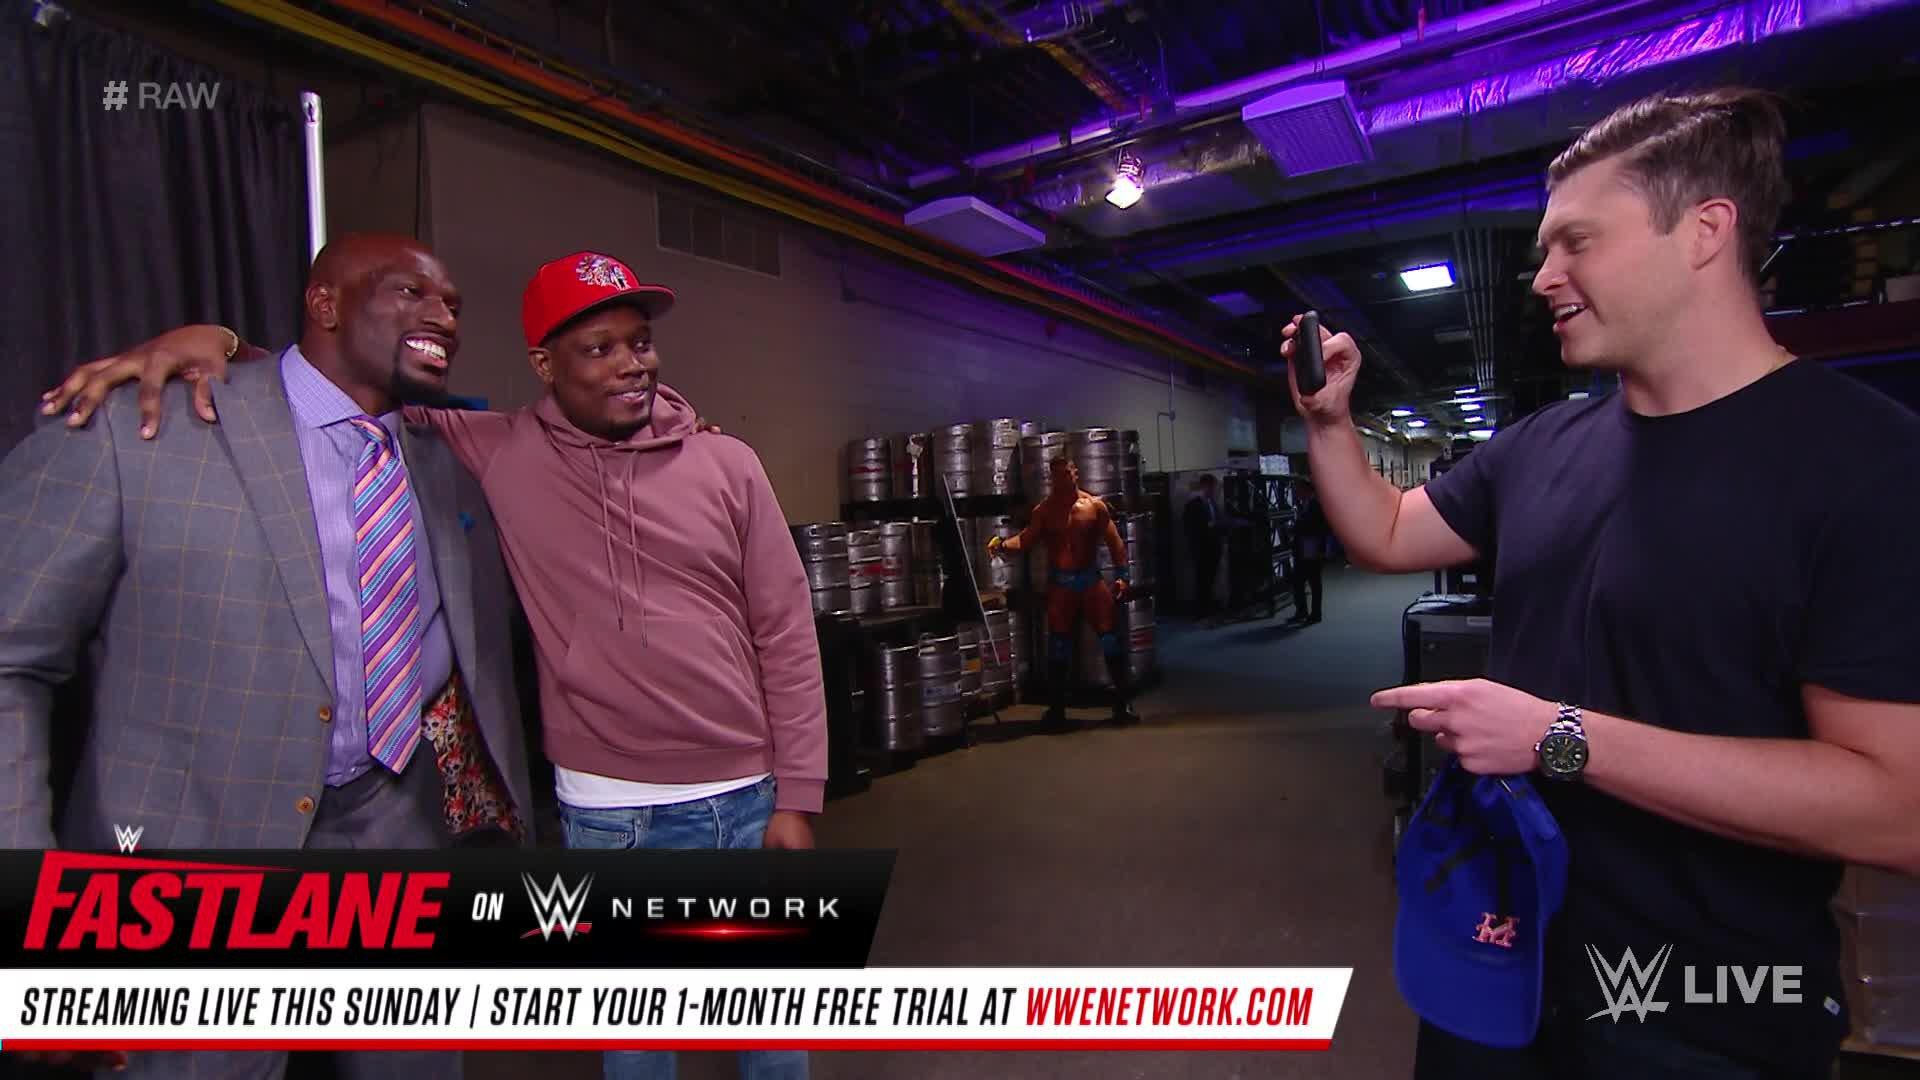 """Les stars du """"Saturday Night Live"""" Michael Che et Colin Jost font un tour dans les coulisses de Raw: Raw, 4 Mars 2019"""